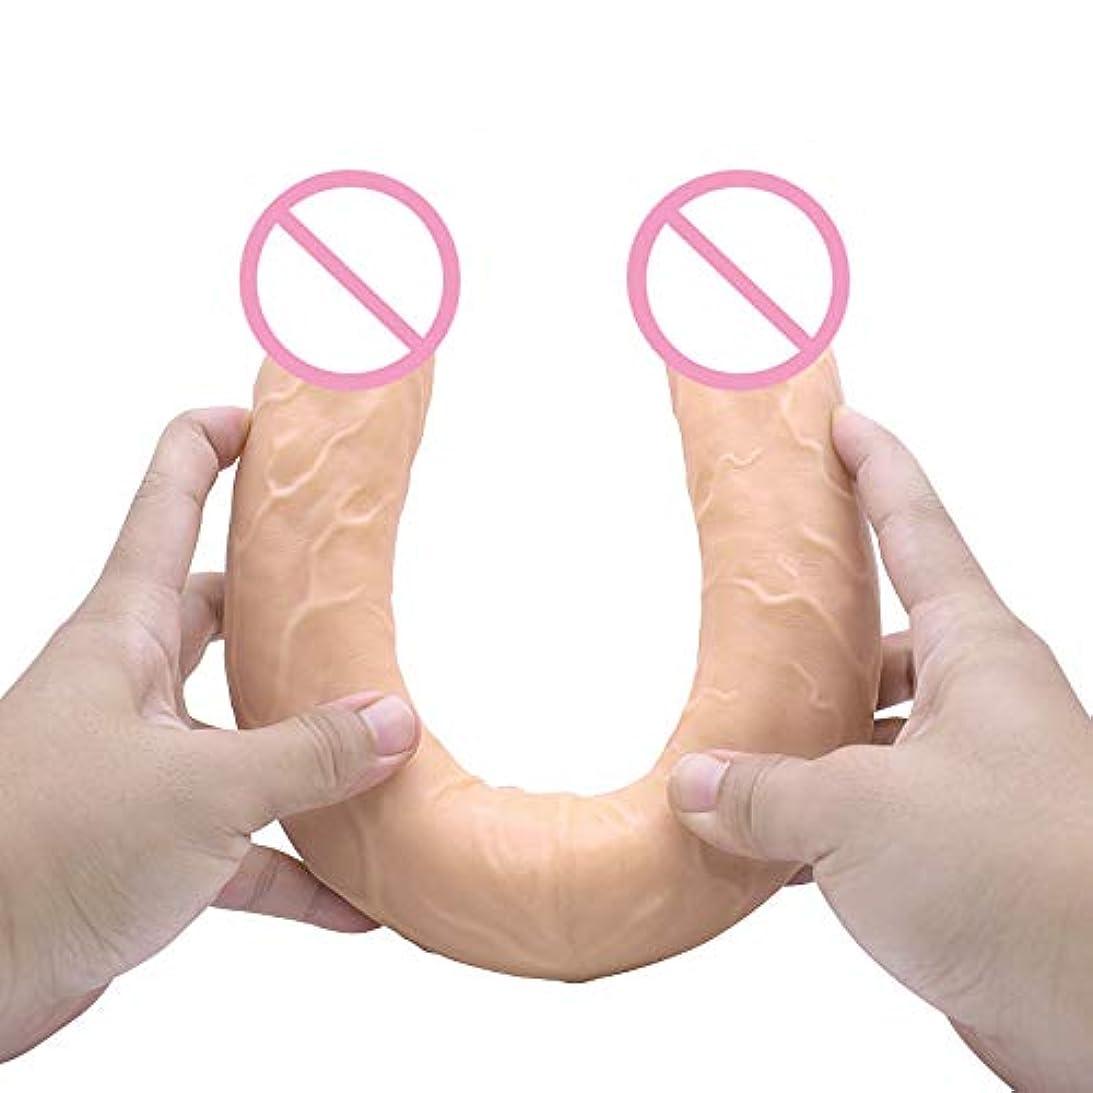 英語の授業がありますレンジクライアントレズビアンの性のおもちゃのためのより大きくより長いPVCのようなディルド二重亀頭ペニス (ヌード)